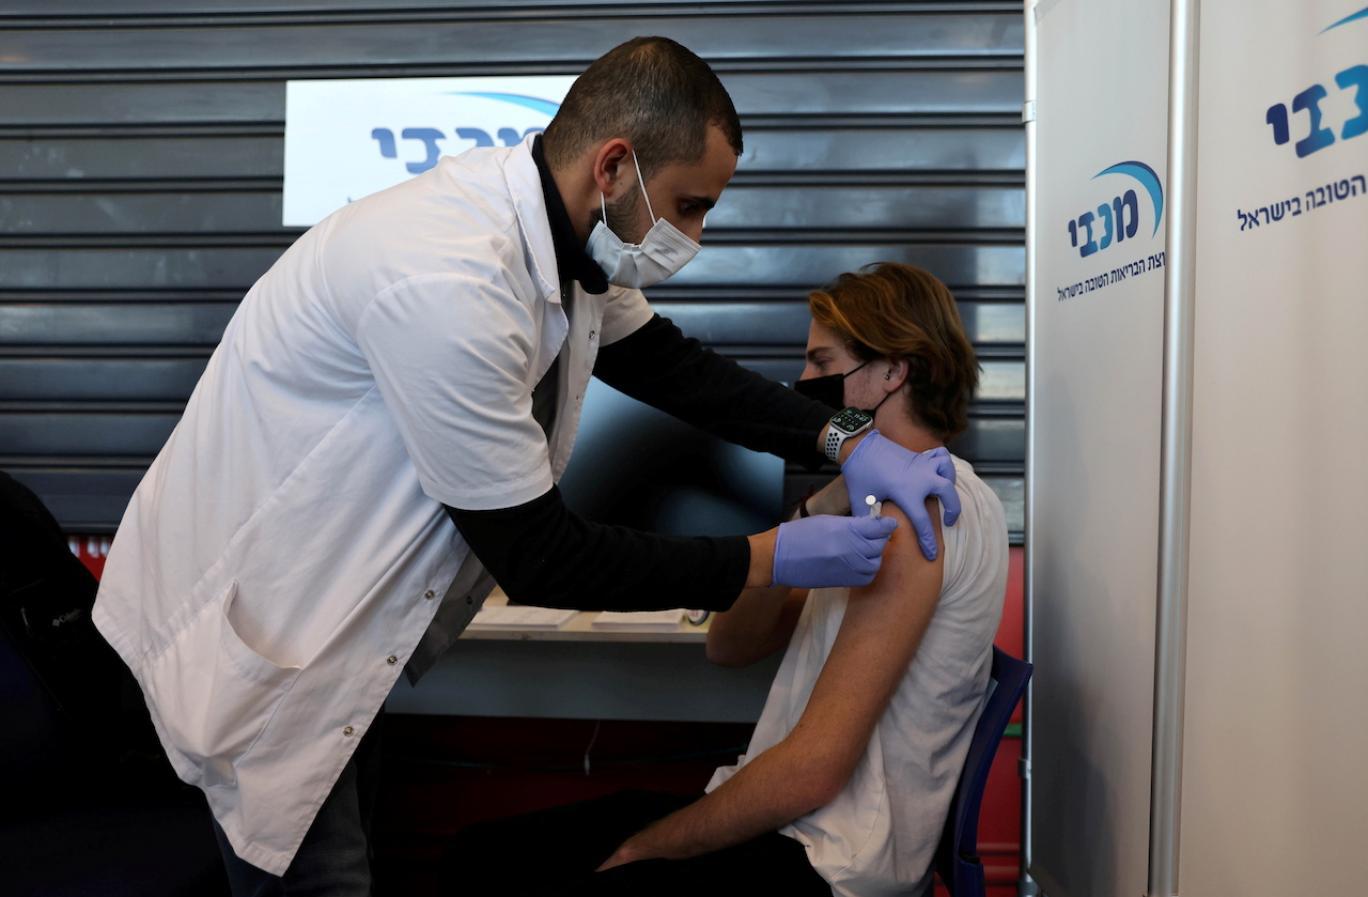 رابطه واکسن فایزر با التهاب قلبی در جوانان چیست؟